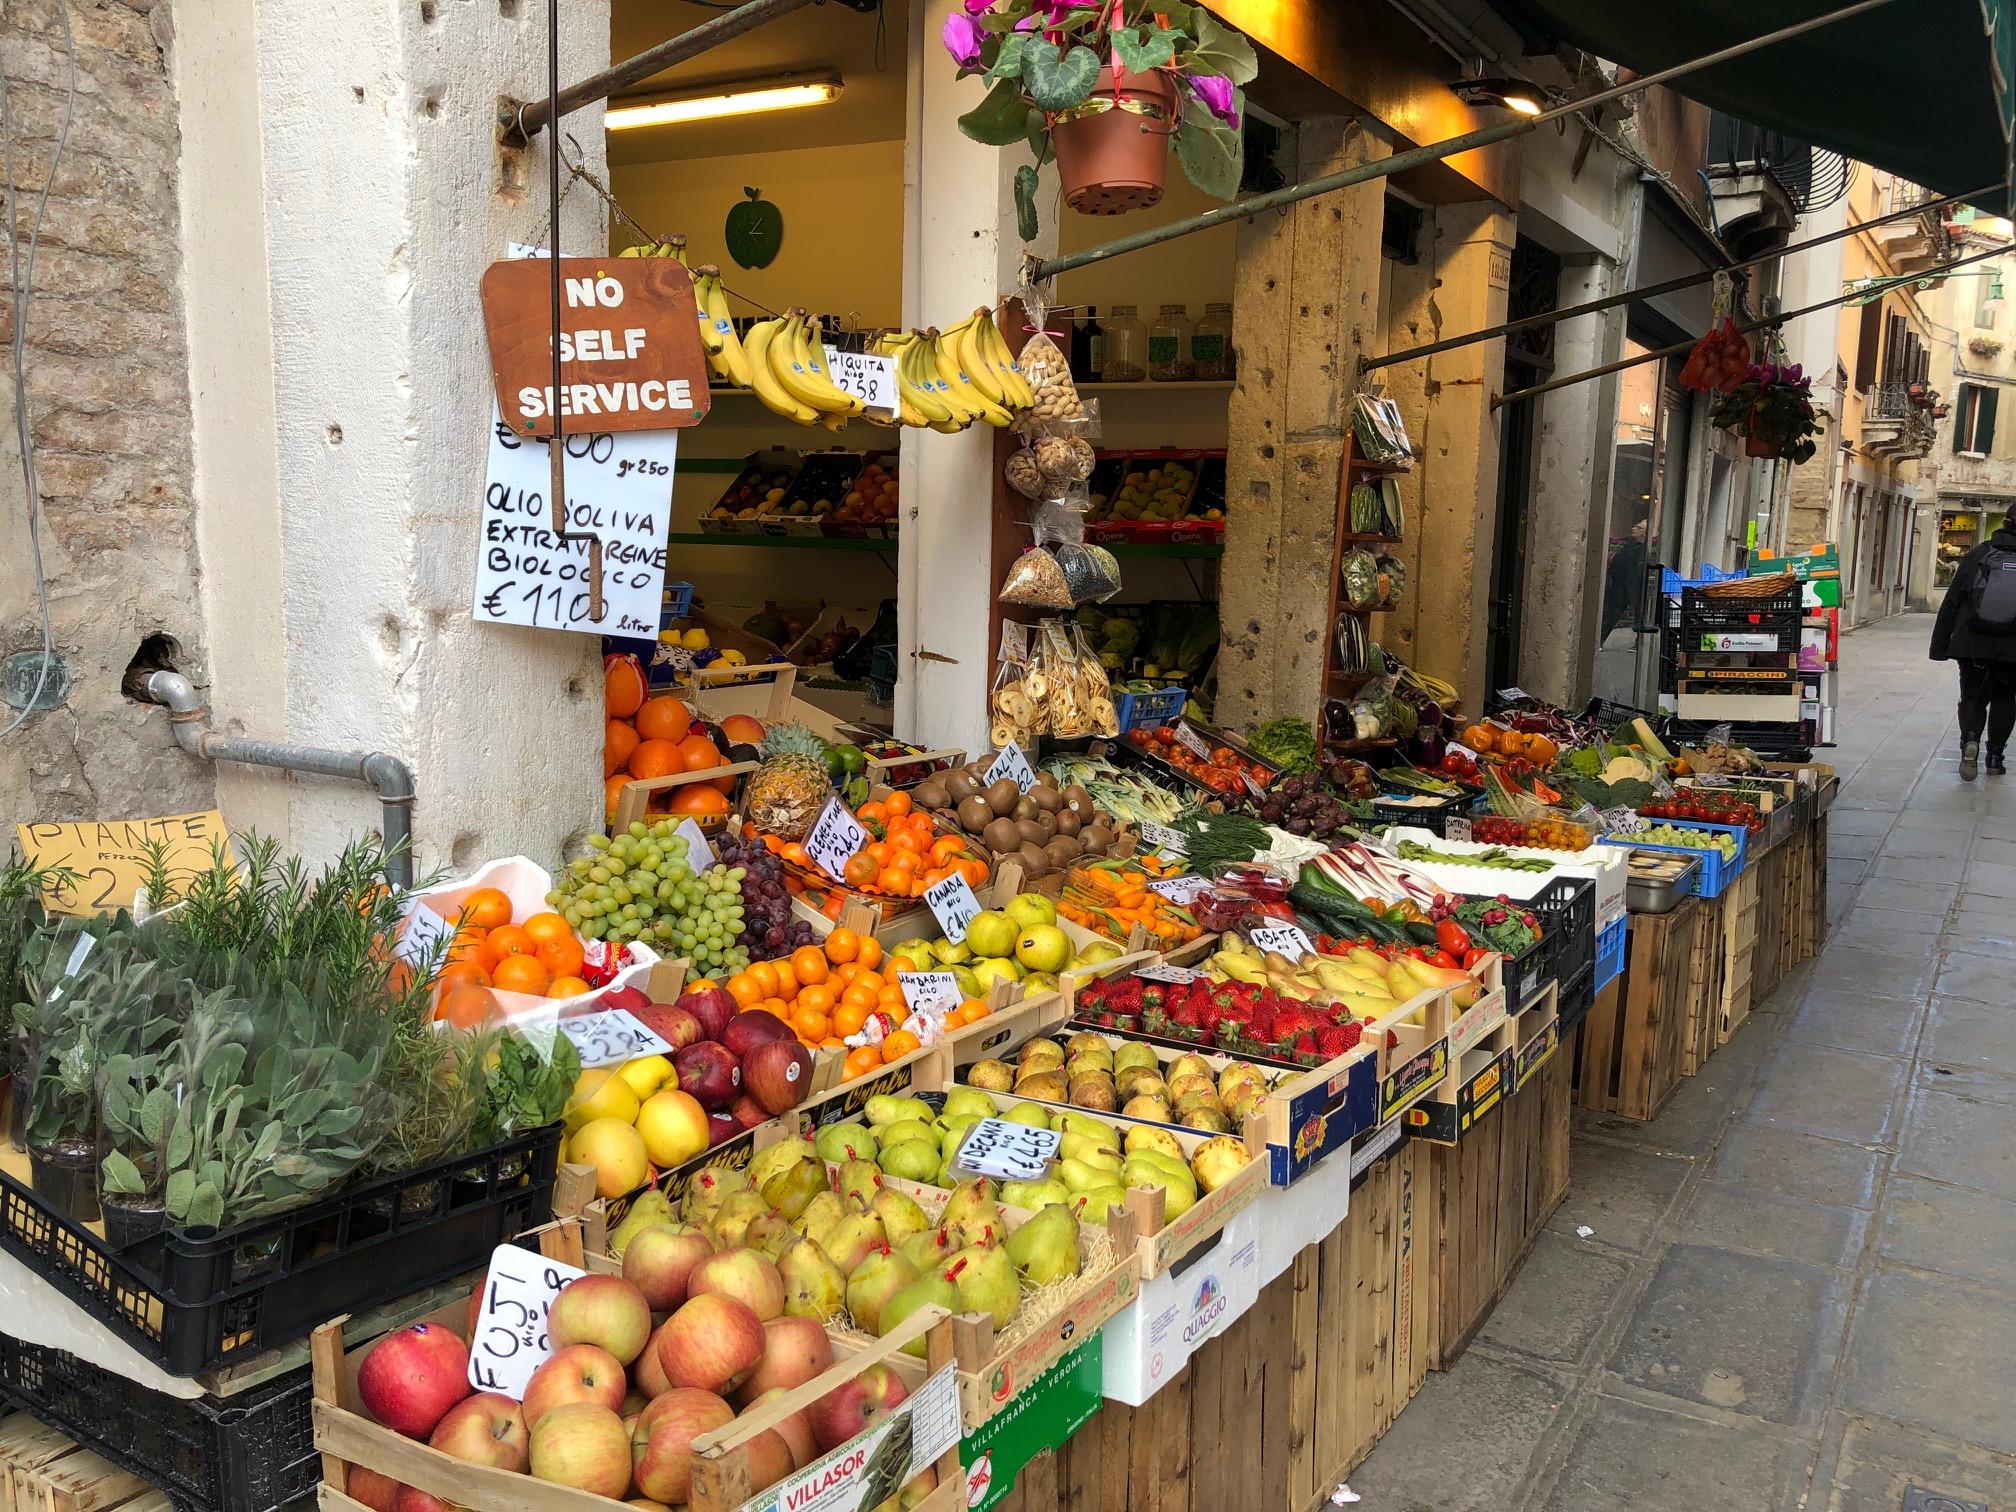 Market in Spain